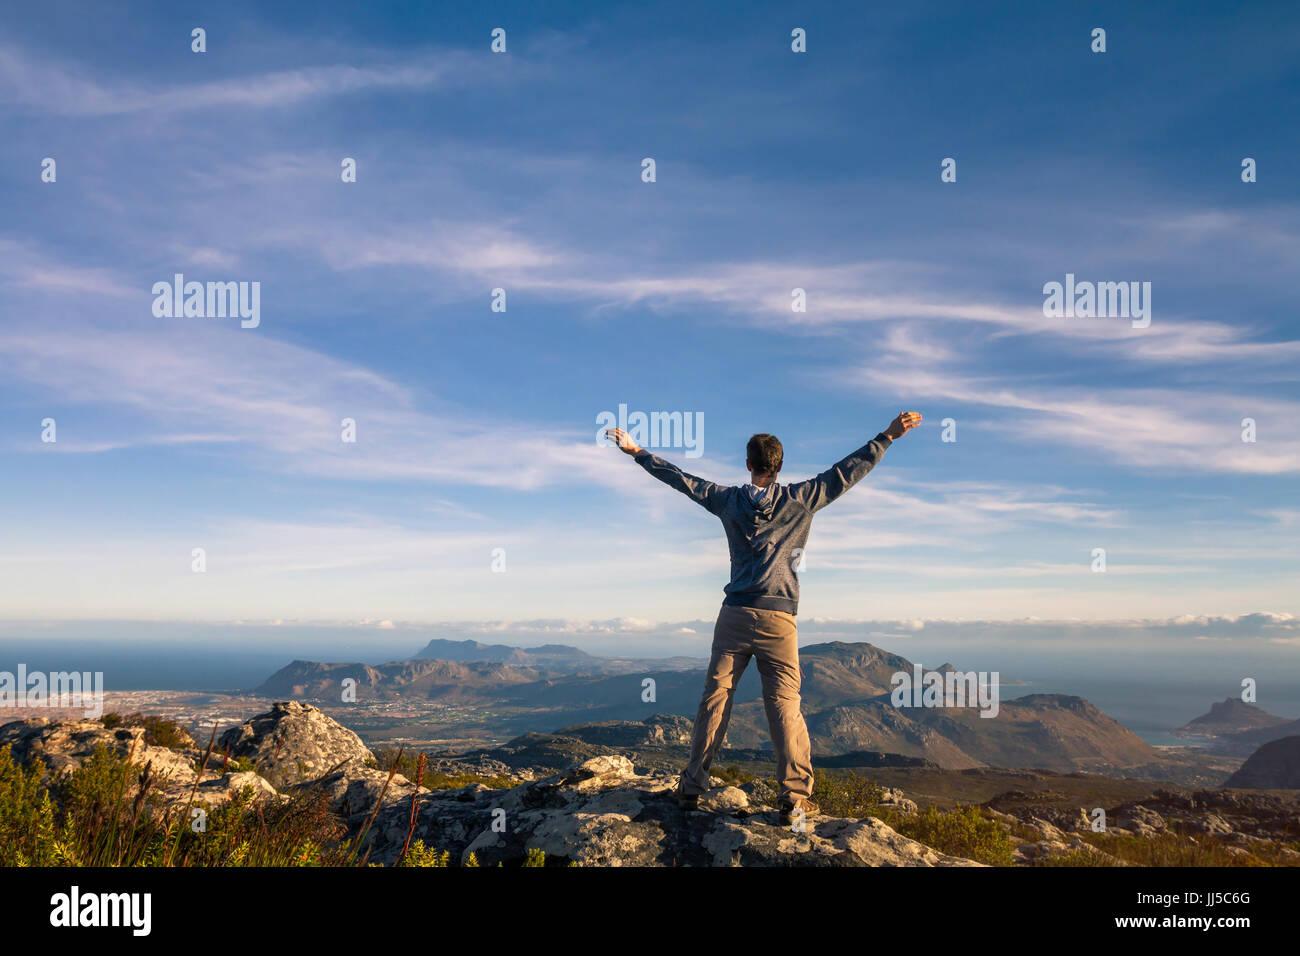 Uomo in piedi con le mani alzate sulla cima della montagna della tavola di città del Capo in Sud Africa Immagini Stock